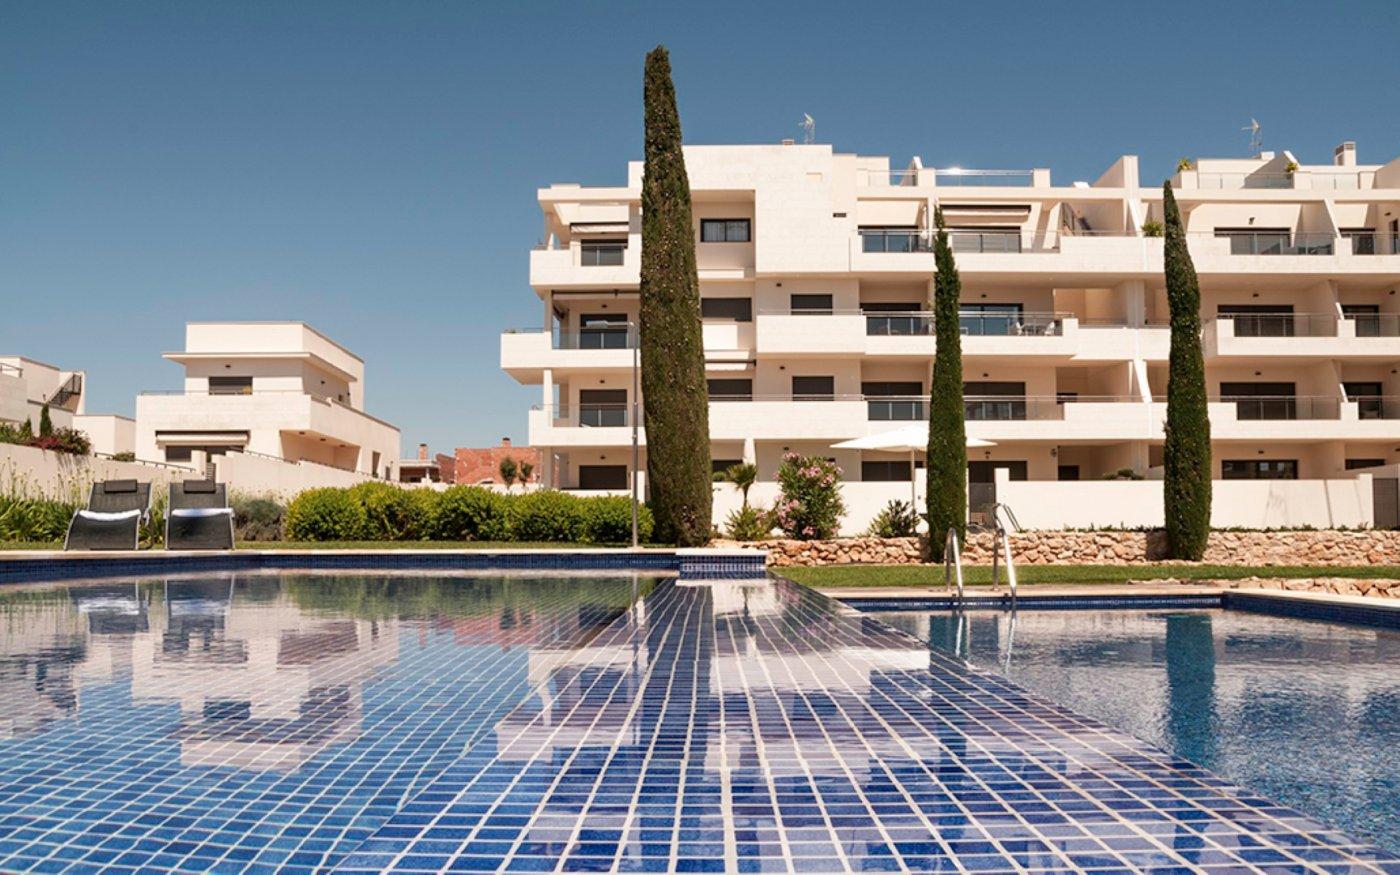 Apartamento - Nueva construcción  - Orihuela Costa - Villamartin